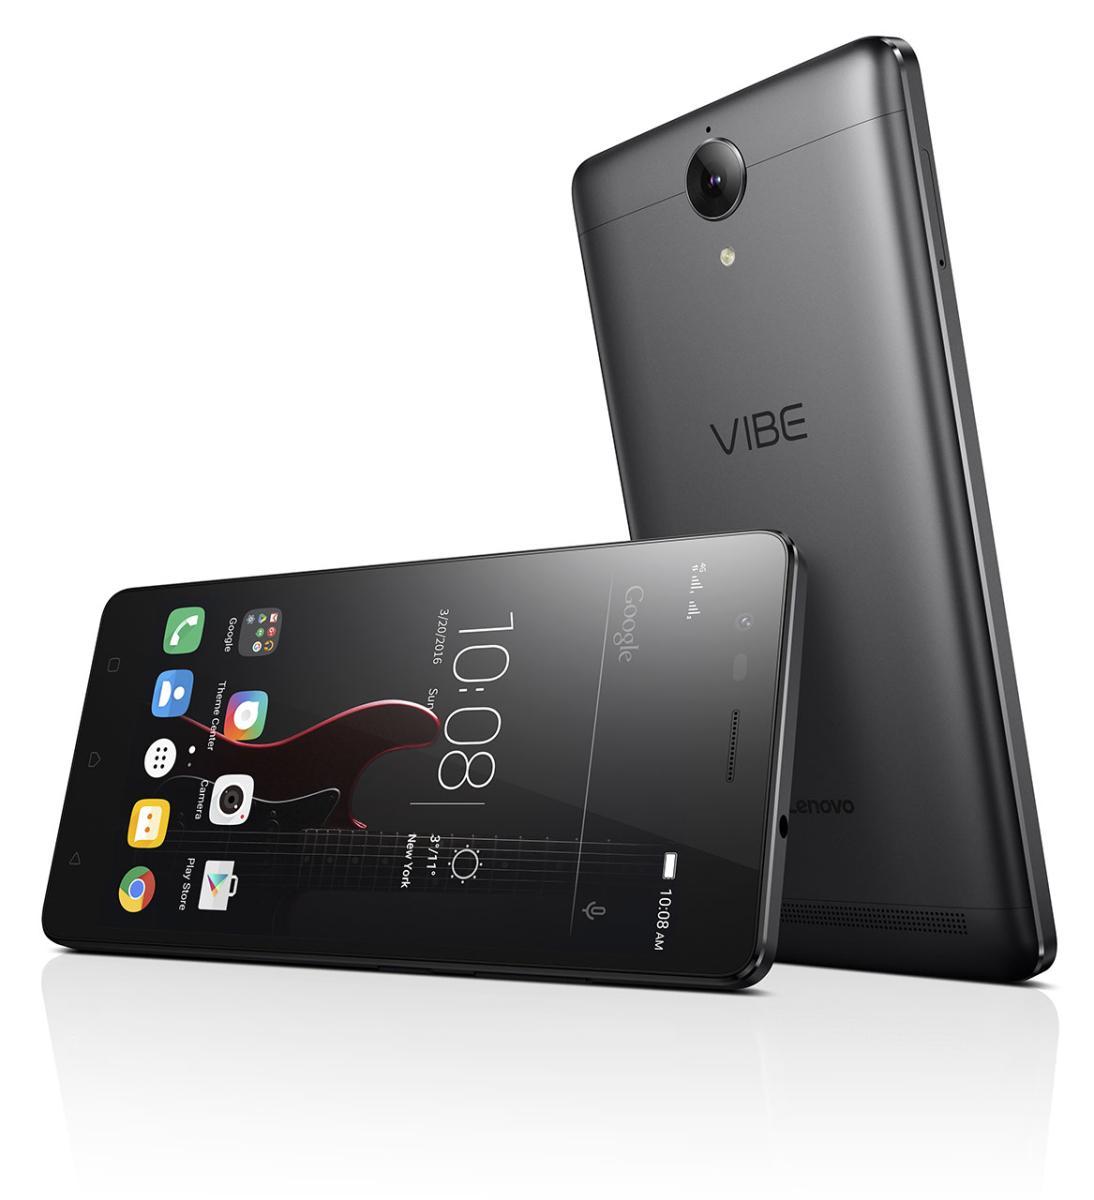 LENOVO VIBE K5 NOTE A7020A40 2SIM LTE GREY